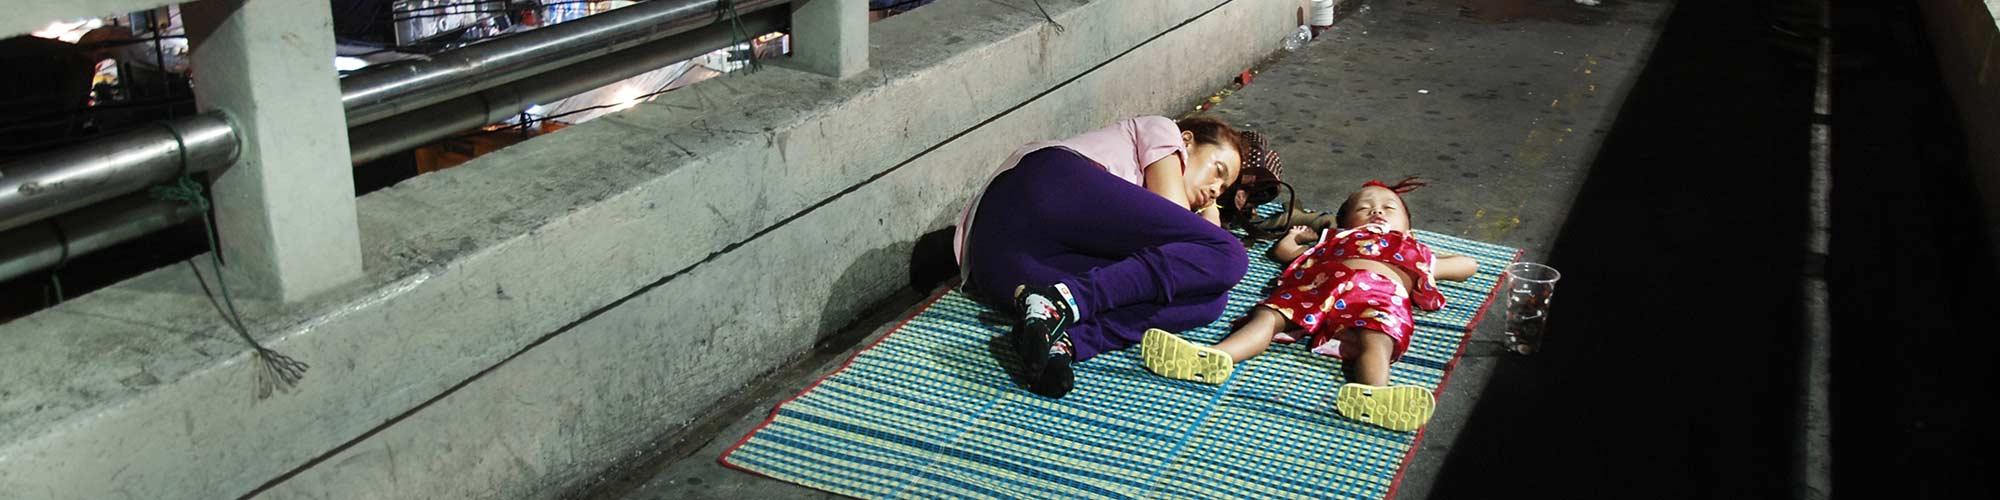 asistencia a personas en situacion de calle